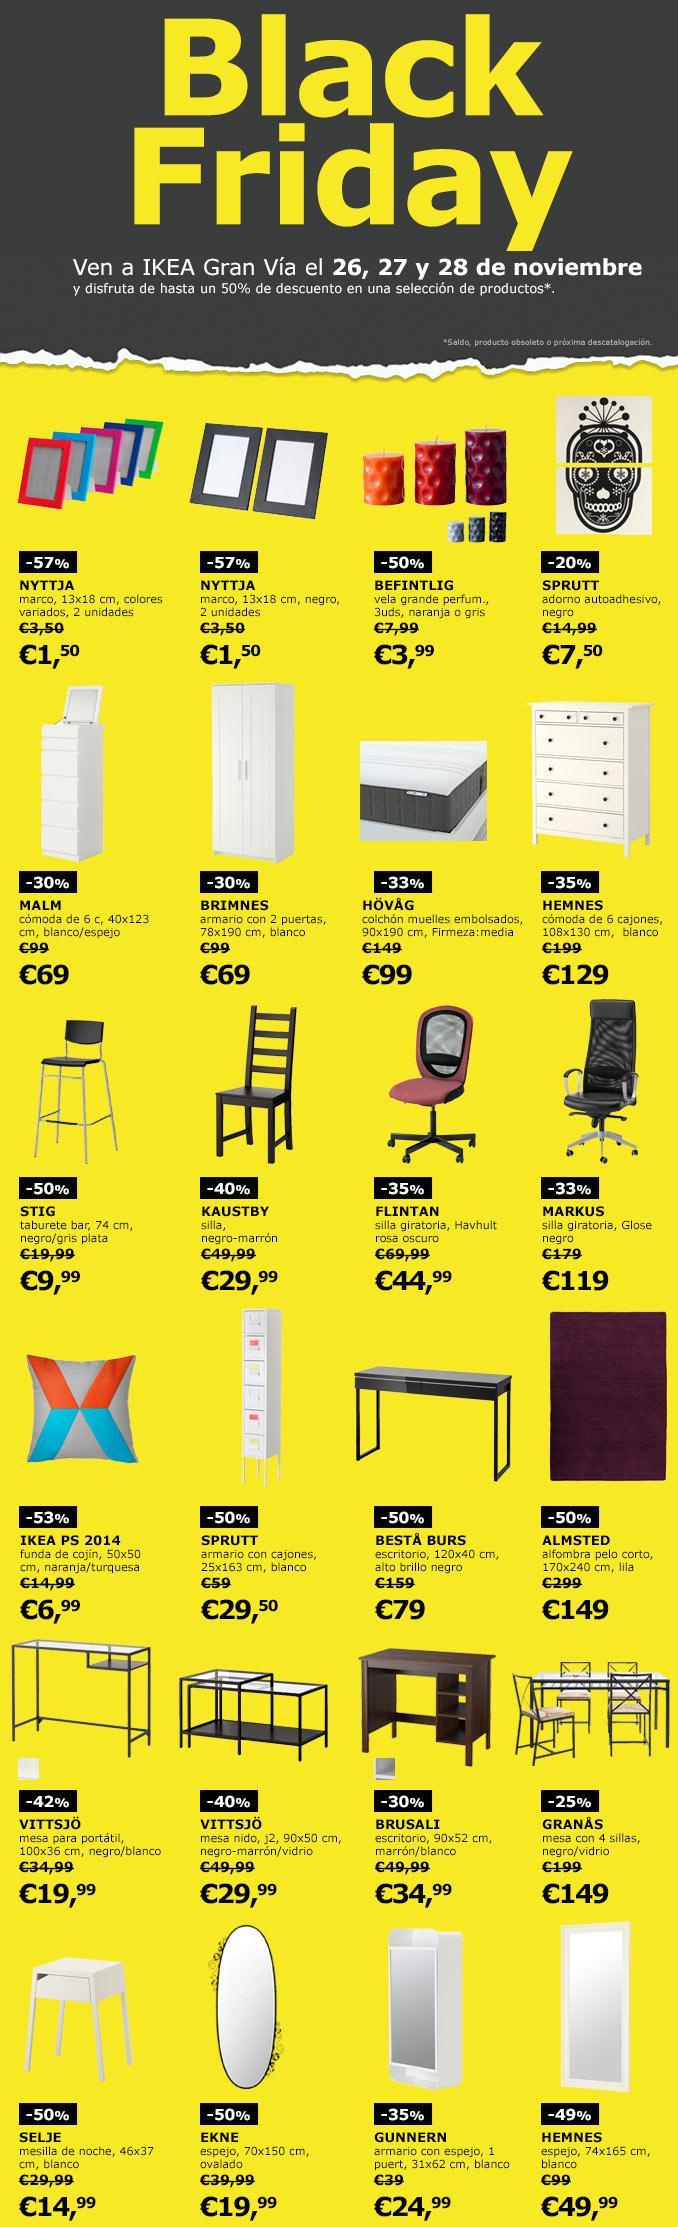 Las Ofertas Black Friday Ikea 2015 España Empiezan El 26 De